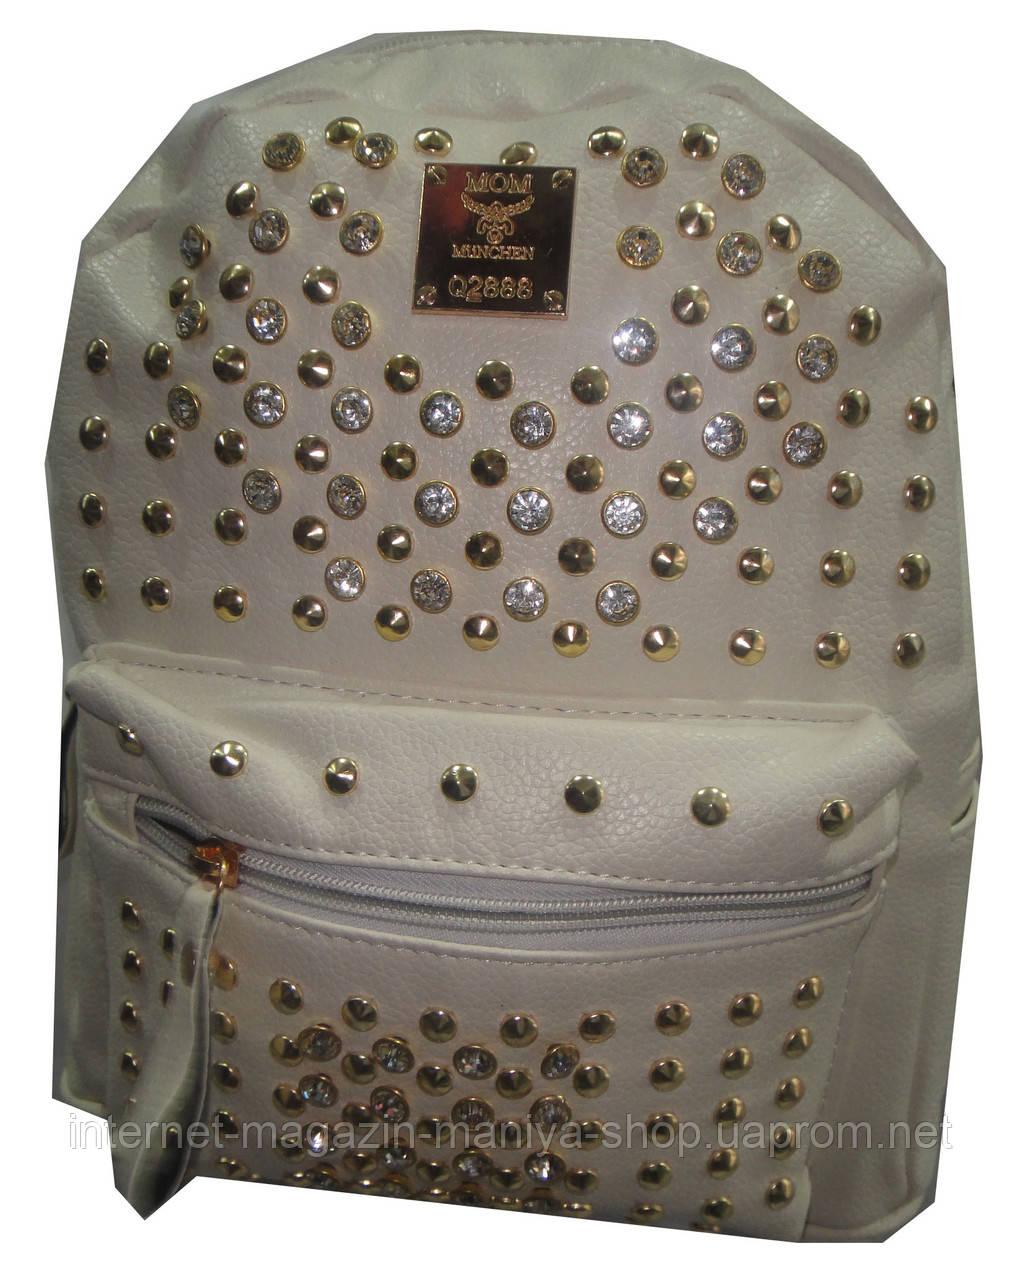 Рюкзак для девочки 169 карман стразы заклепки